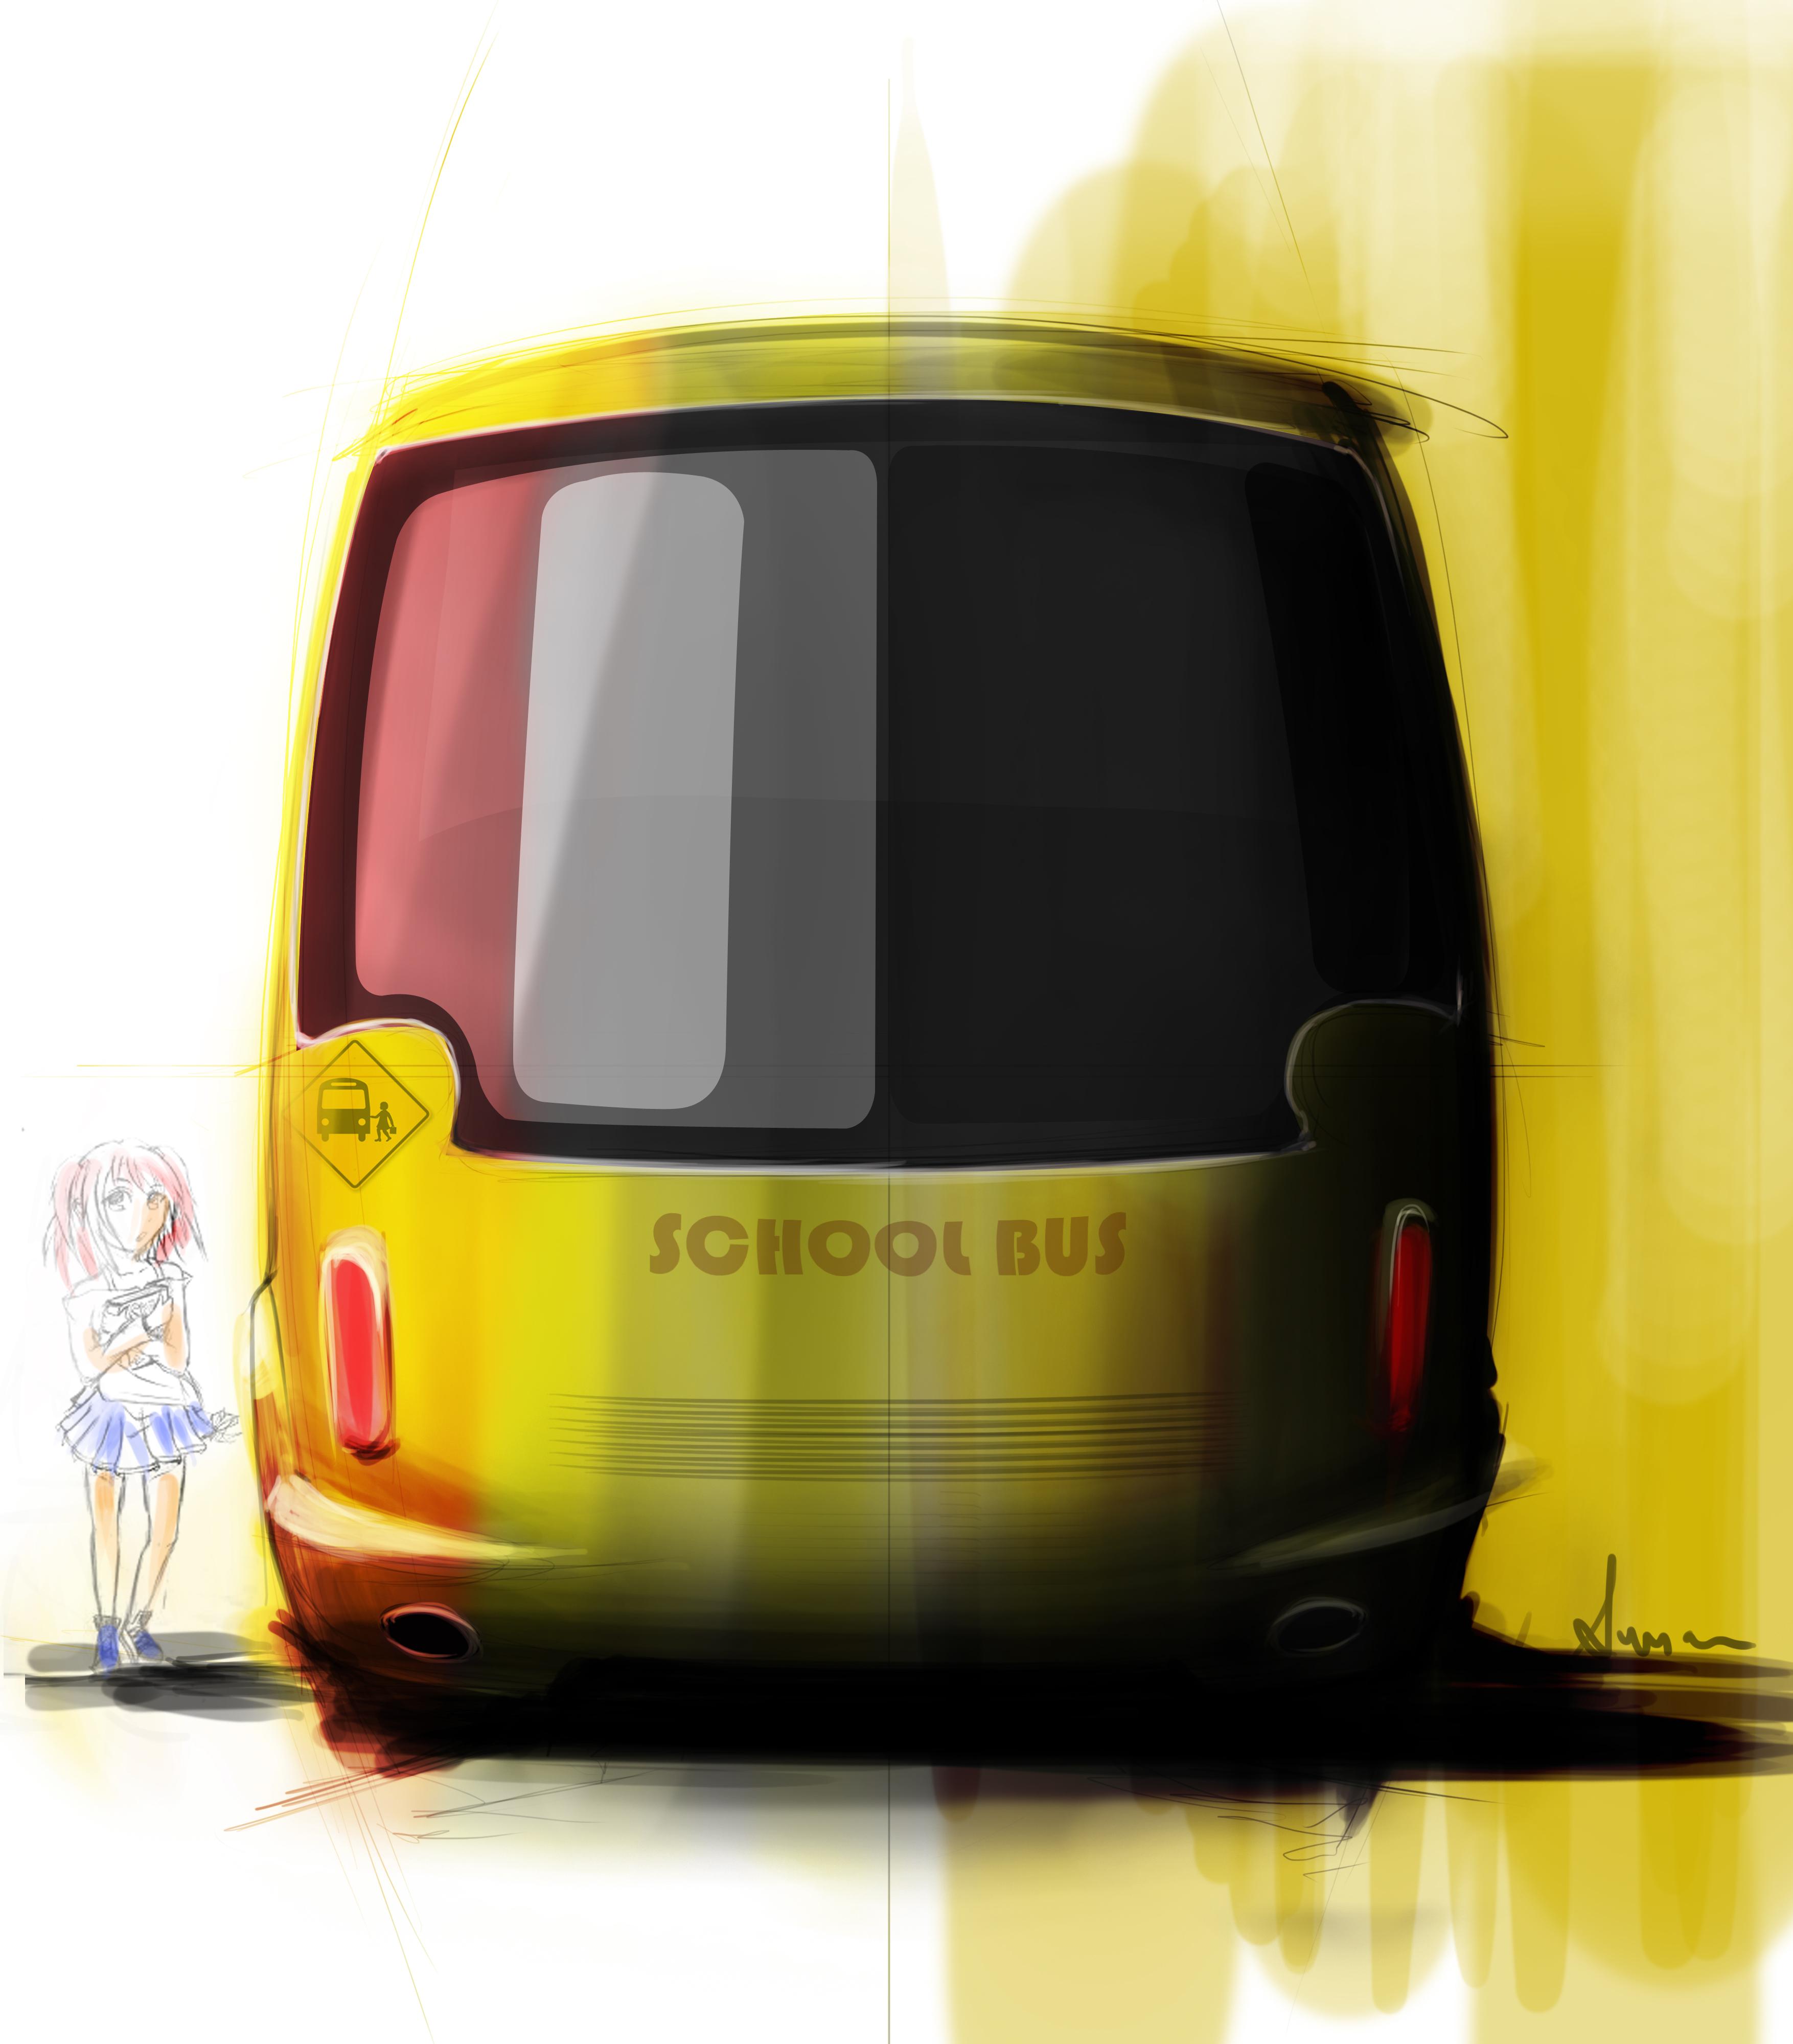 School Bus concept. by Susovan Mazumder at Coroflot.com Concept School Bus